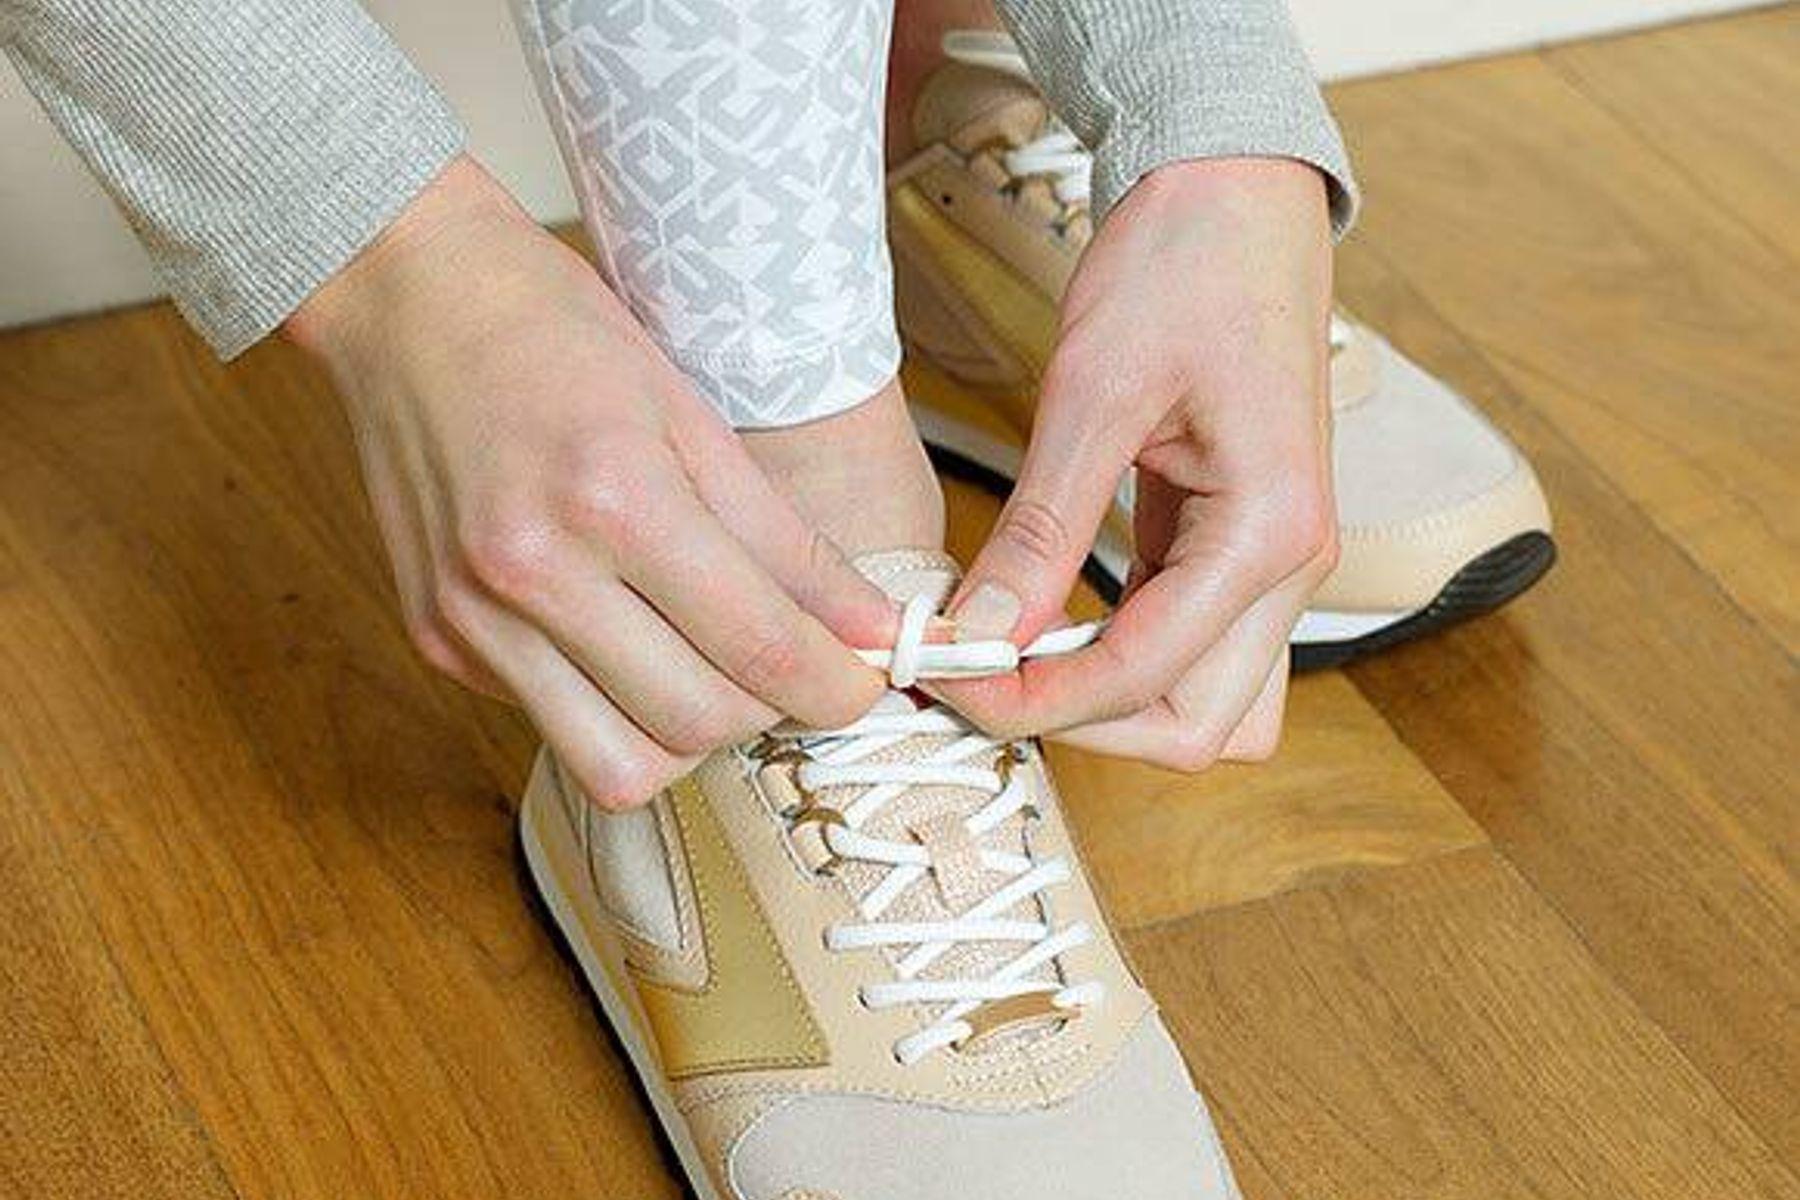 4 Nguyên liệu tẩy trắng giày hiệu quả tại nhà